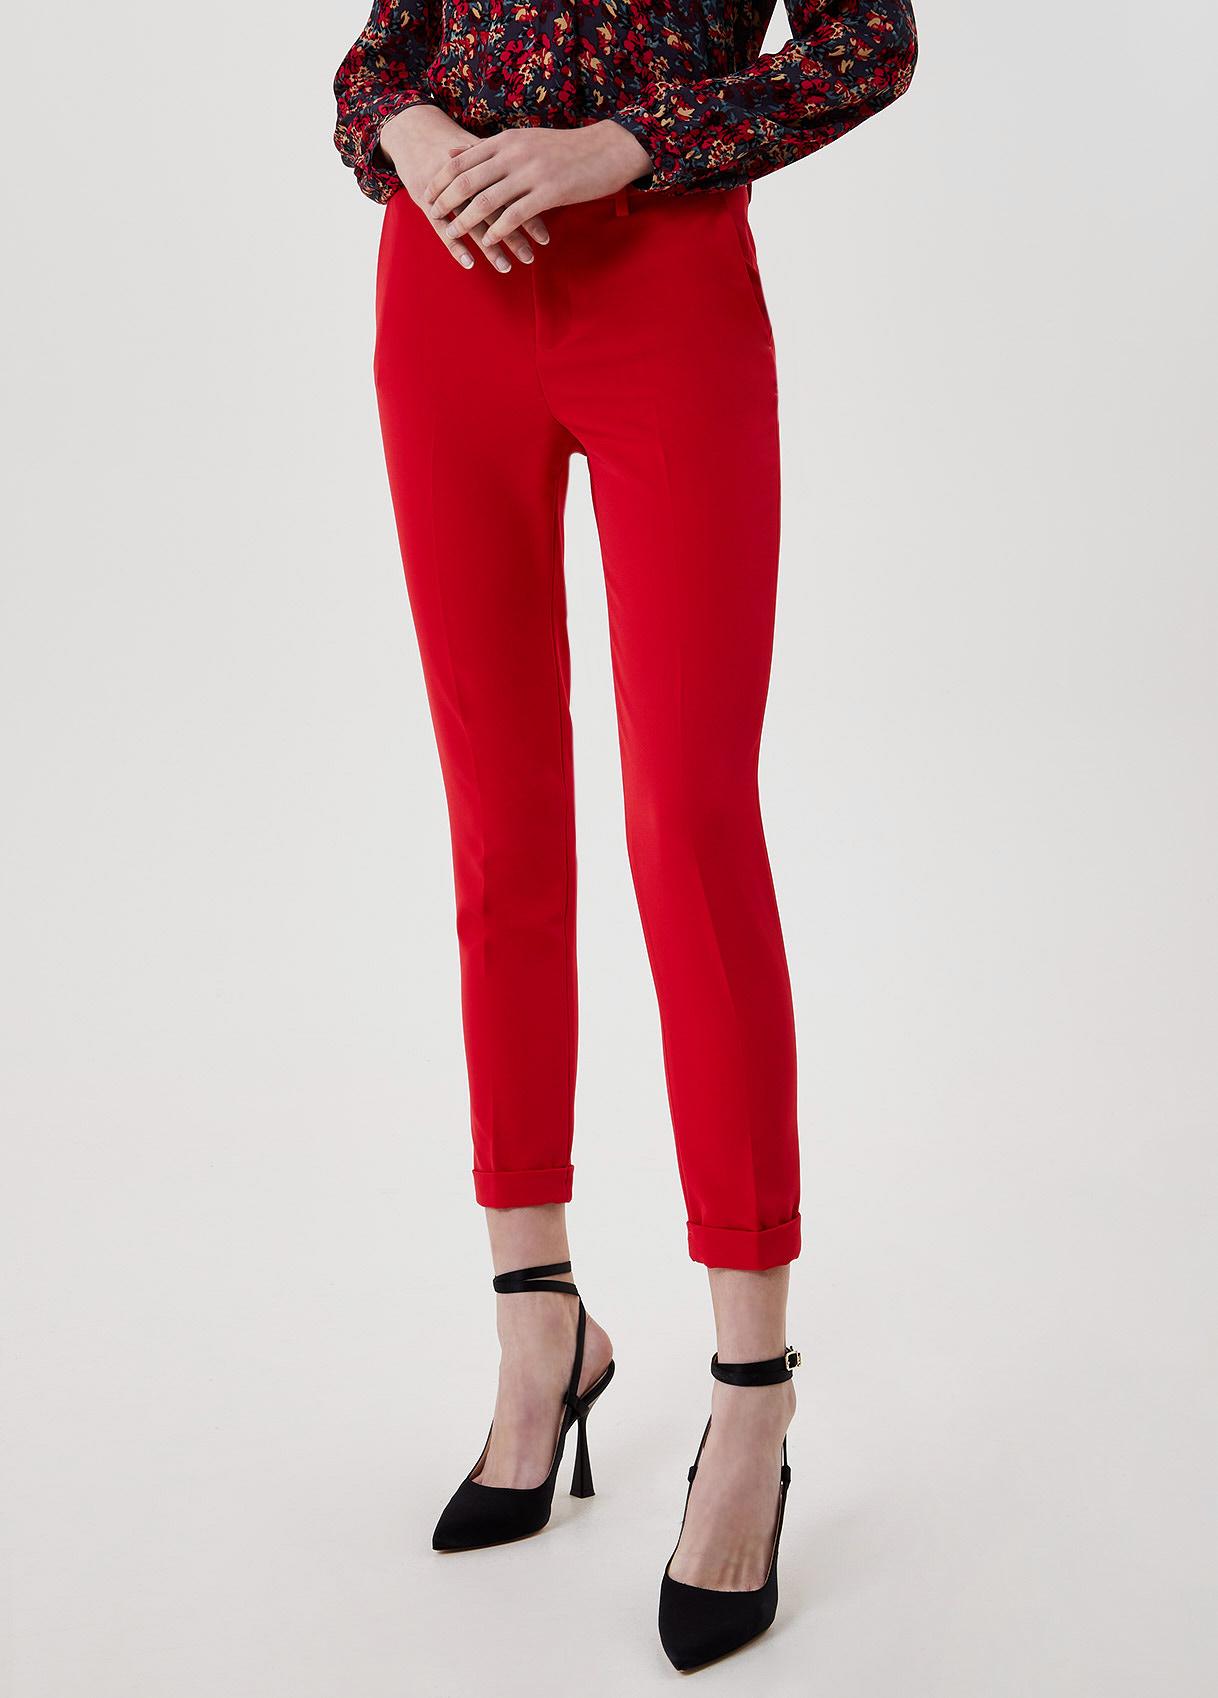 Pantalone cropped Rosso Liu Jo - large